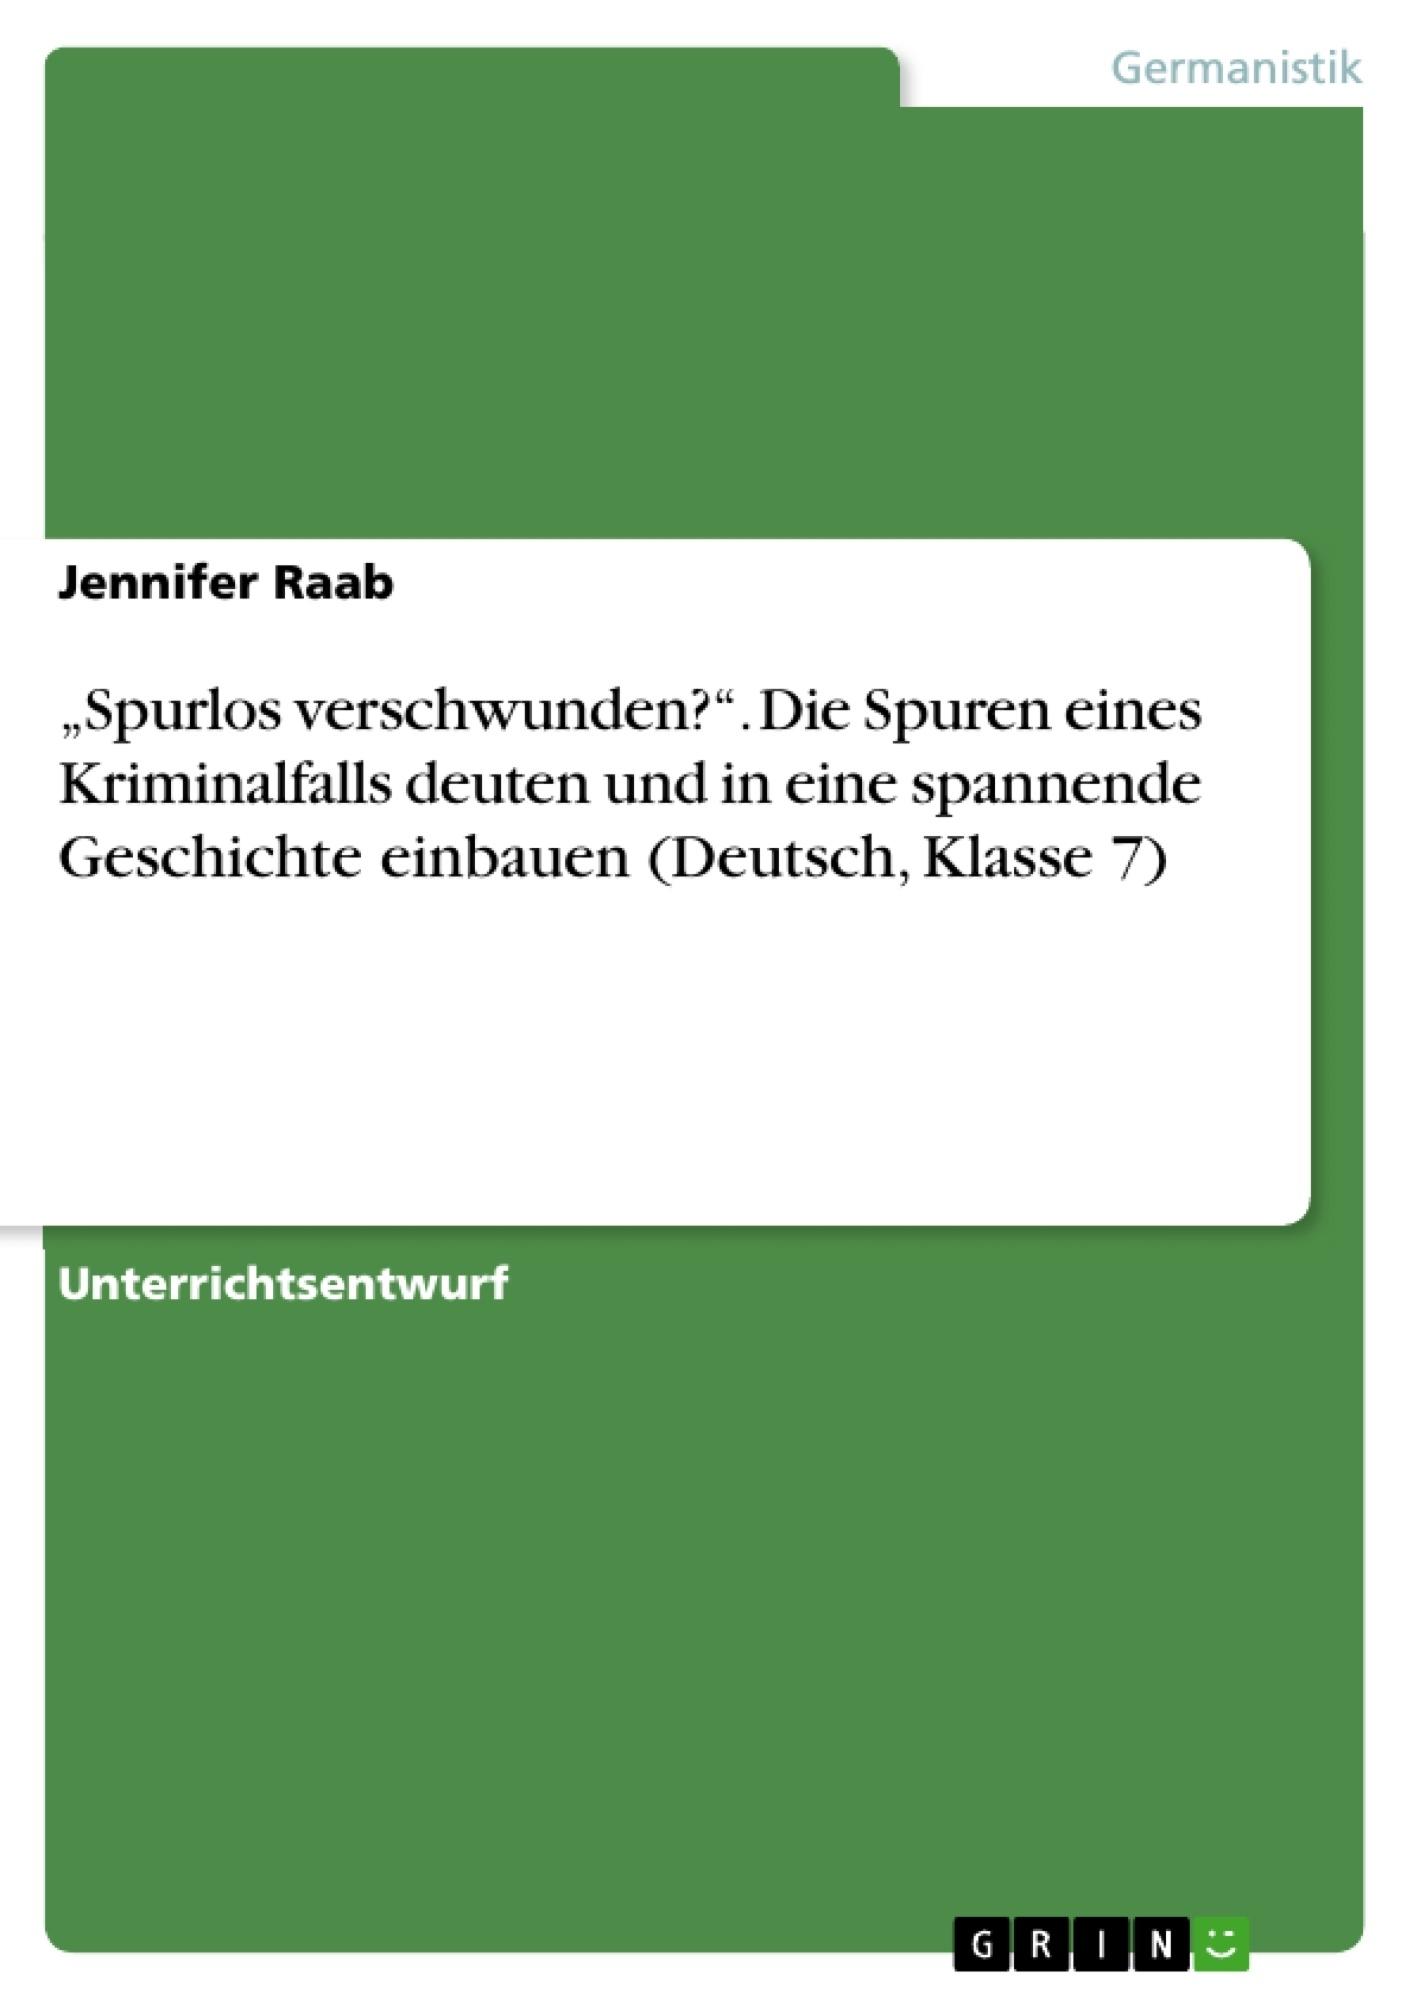 """Titel: """"Spurlos verschwunden?"""". Die Spuren eines Kriminalfalls deuten und in eine spannende Geschichte einbauen (Deutsch, Klasse 7)"""